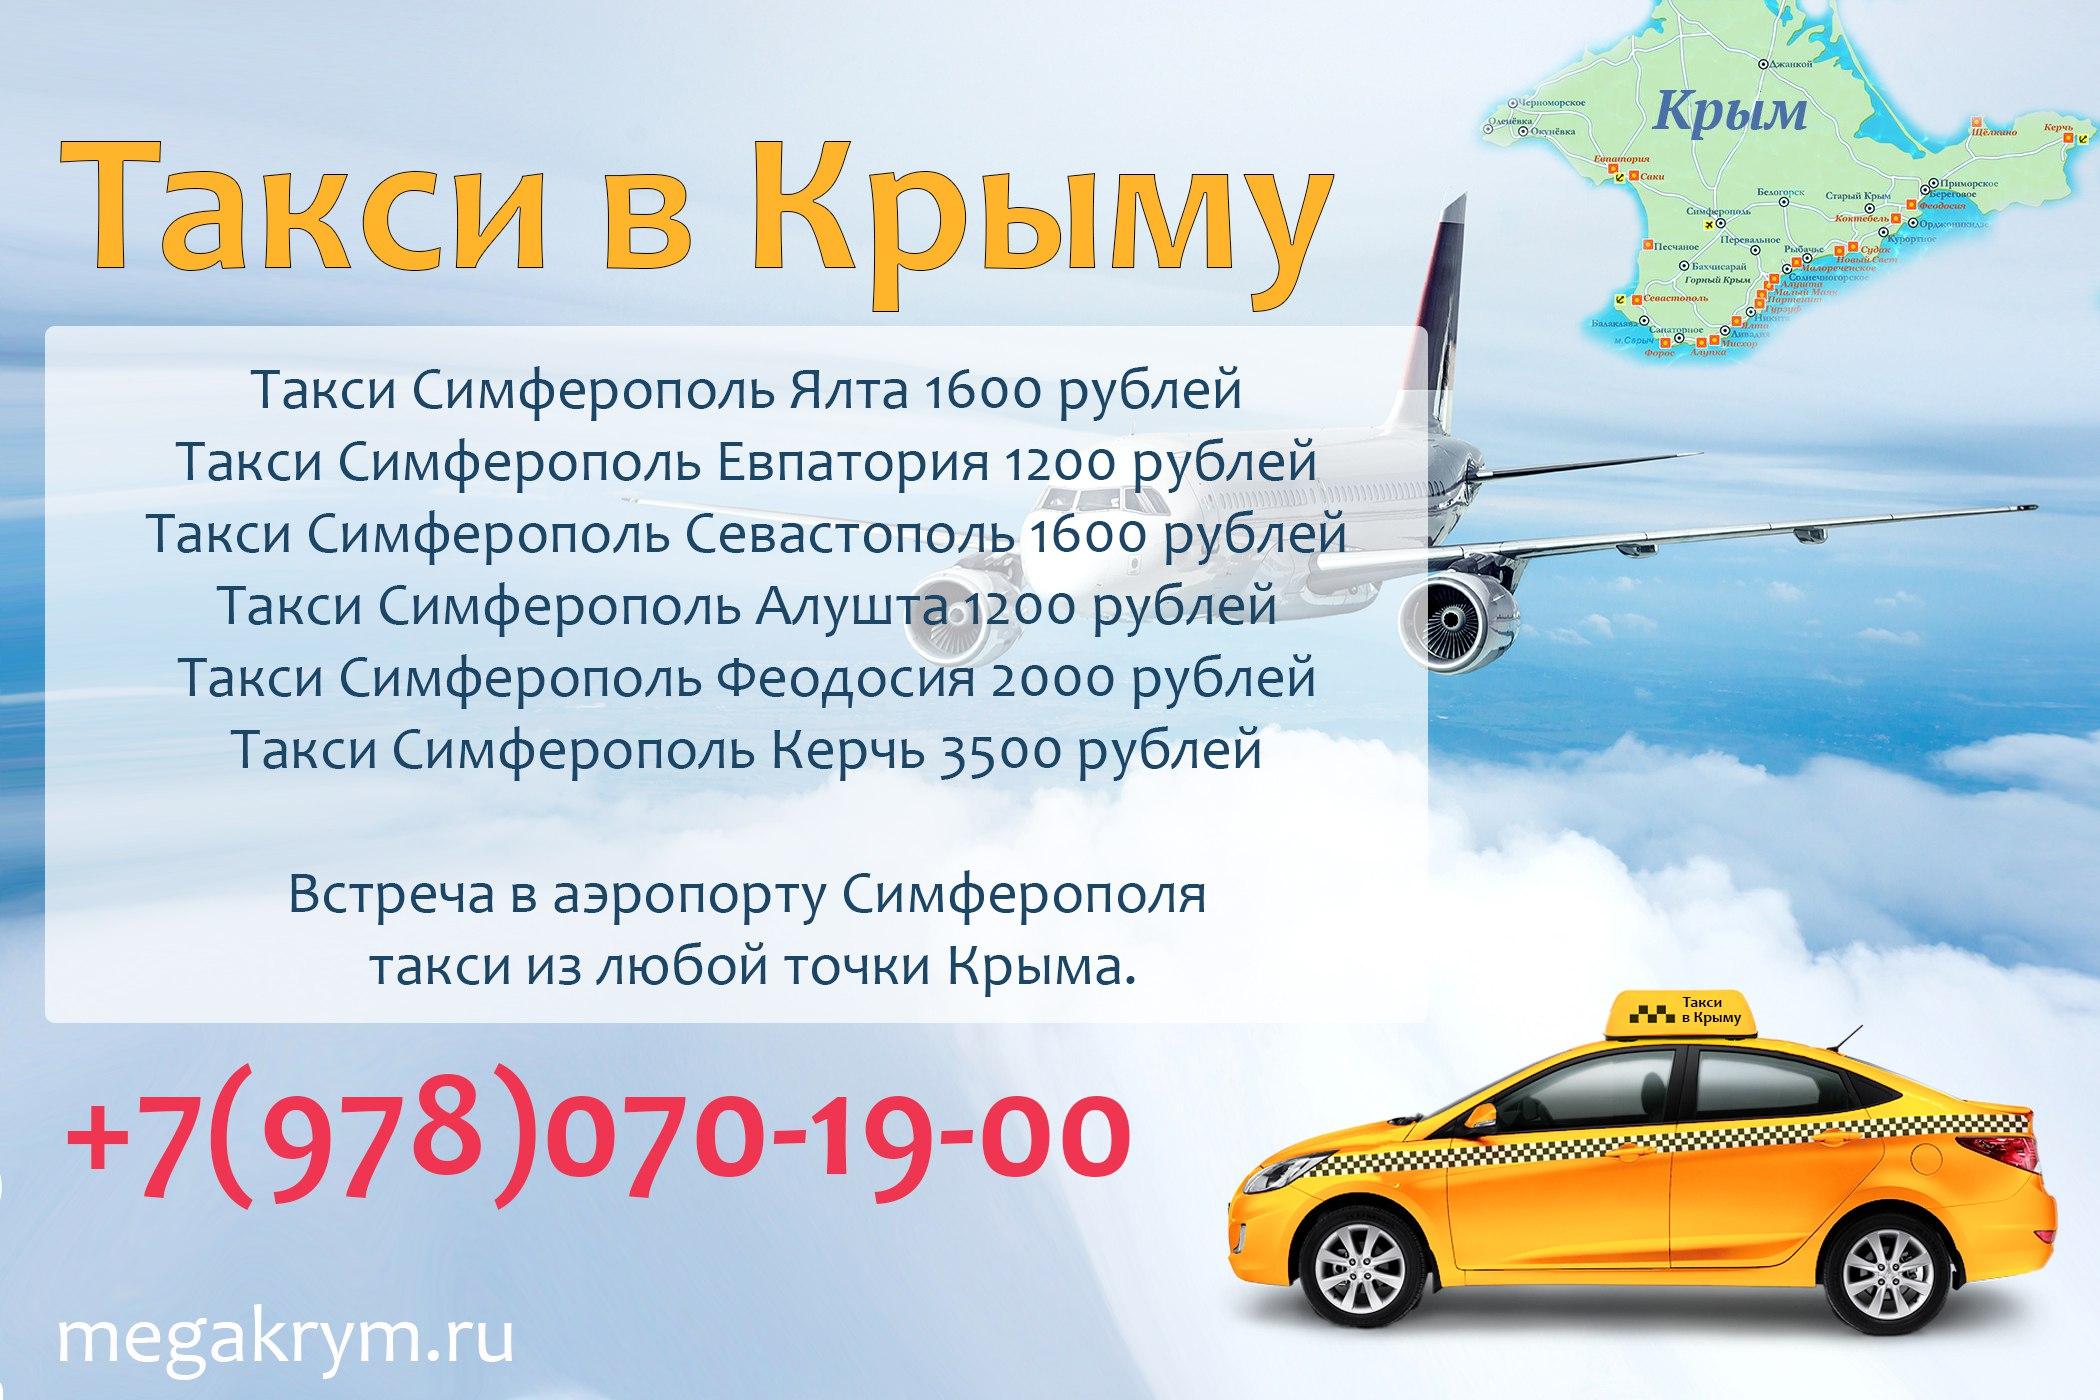 Стоимость такси из аэропорта Симферополя на 2018 год